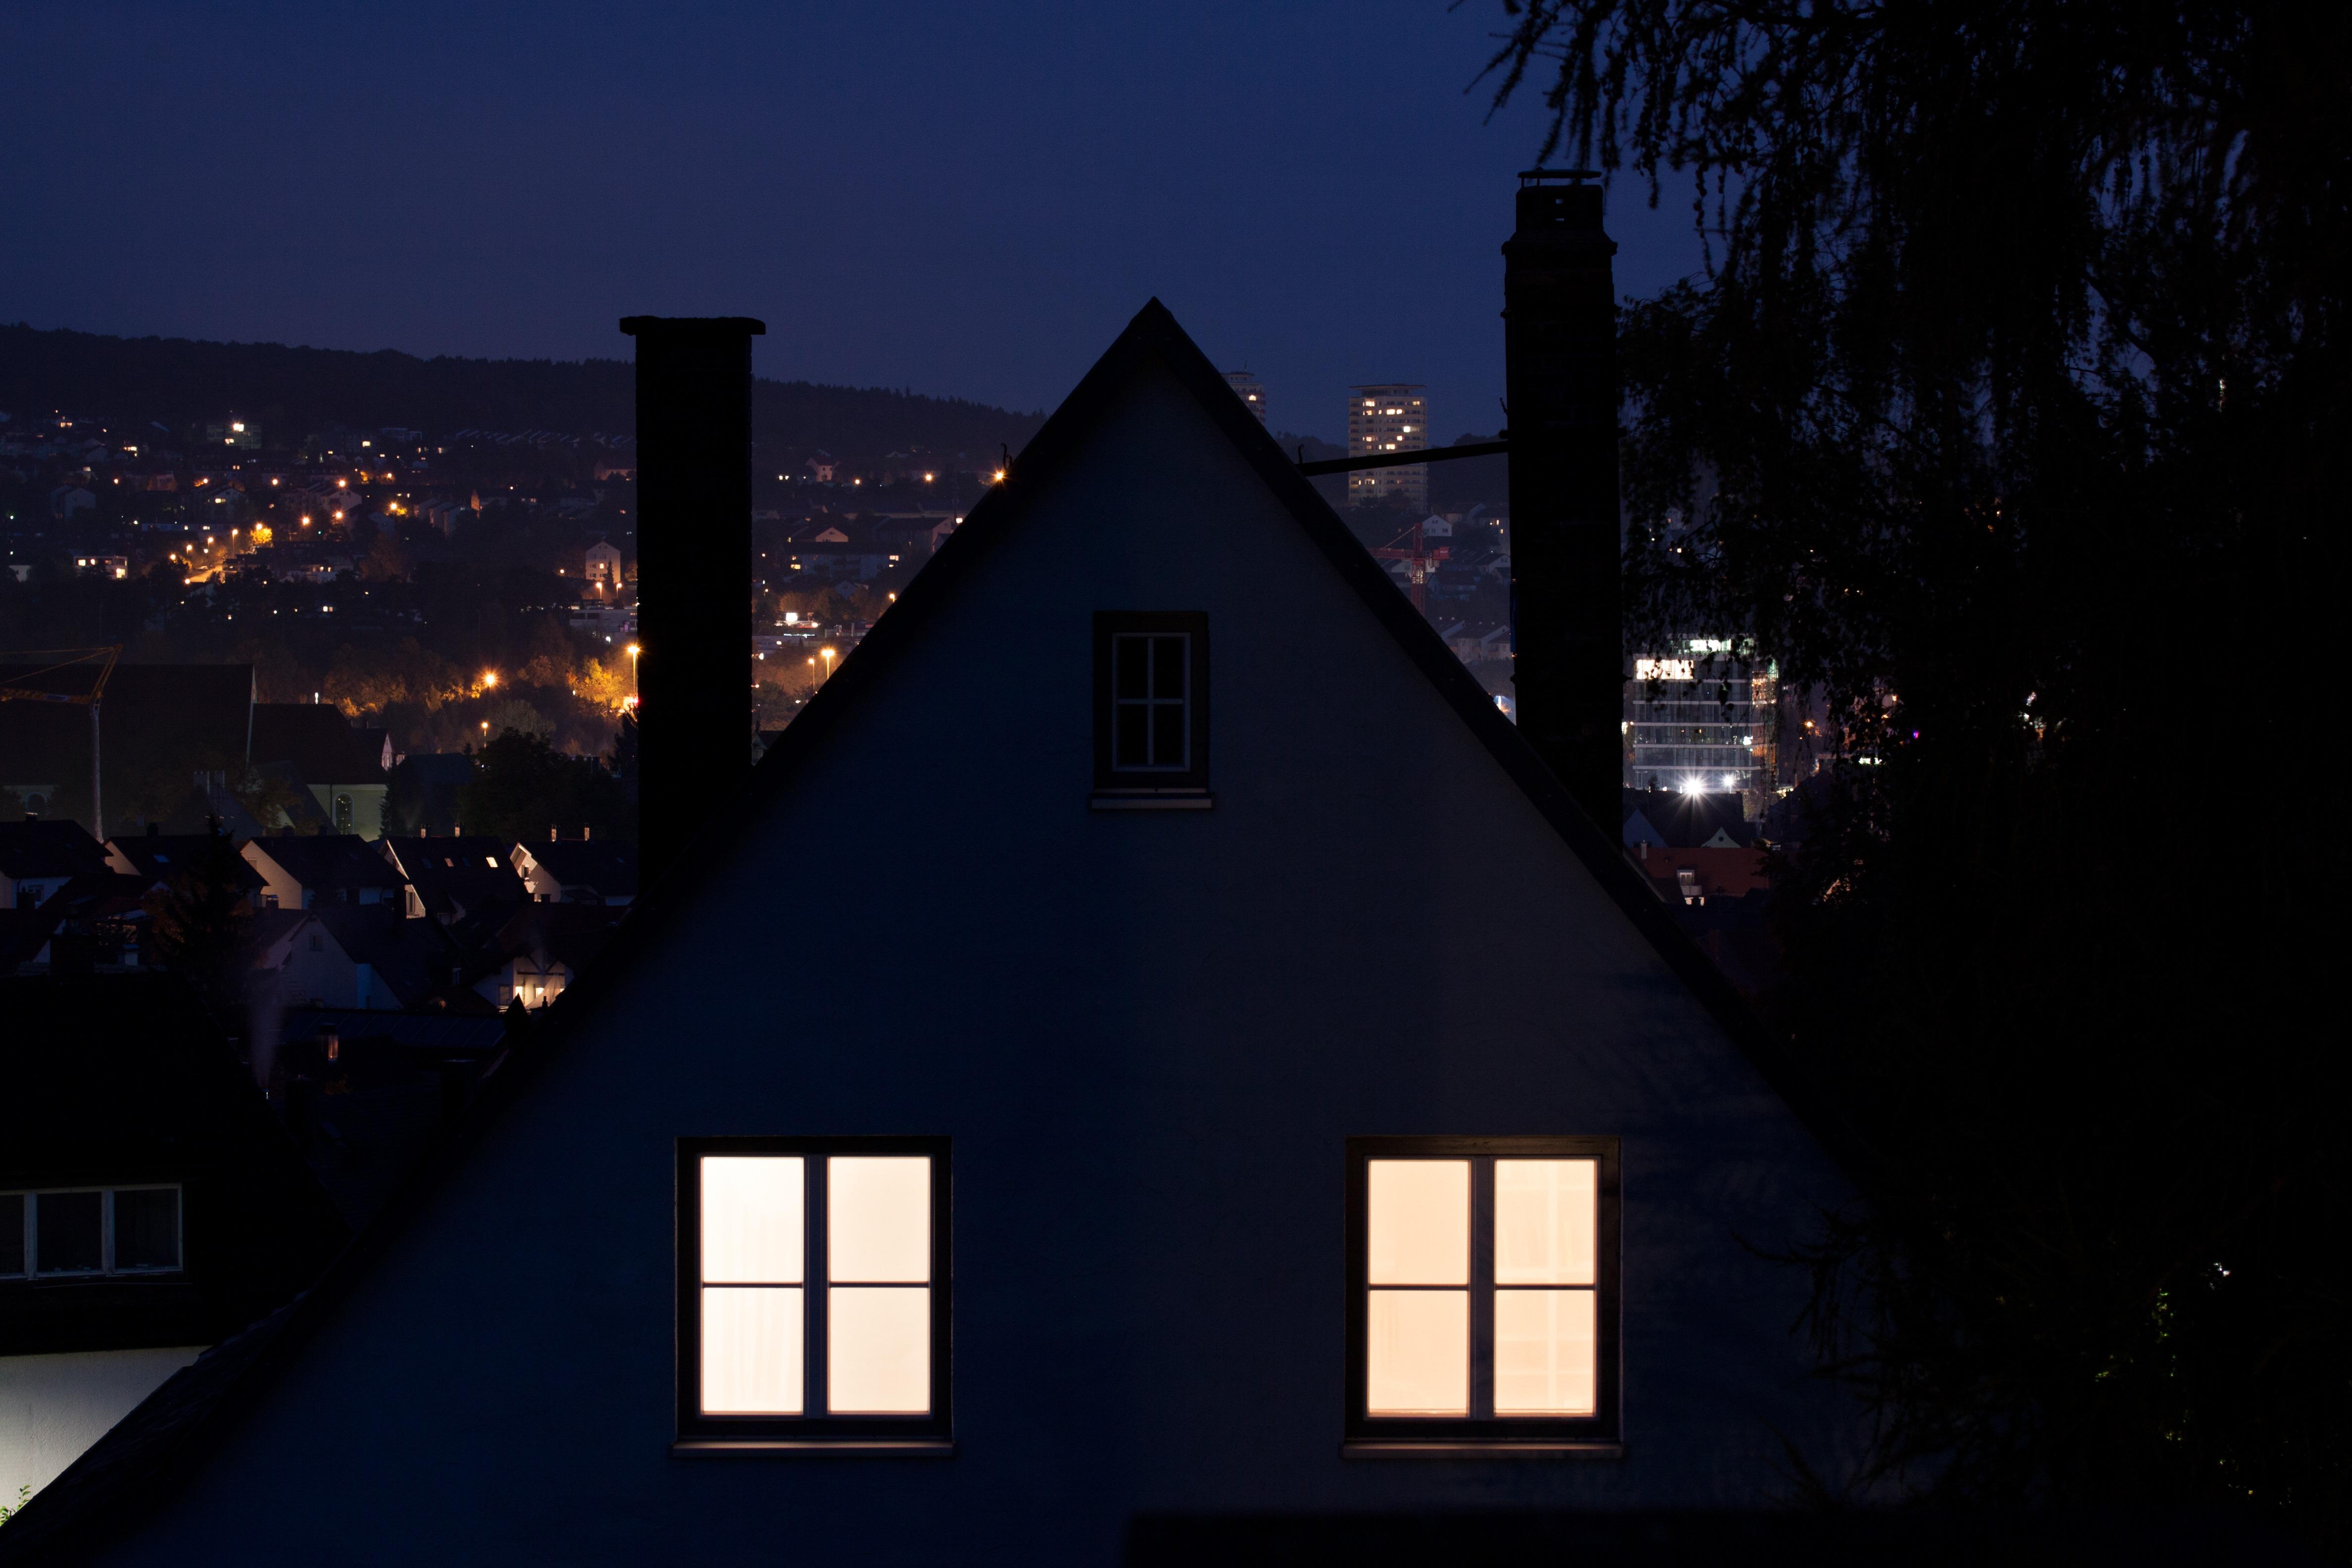 無料画像 木 空 日没 夜 家 太陽光 朝 シティ 自宅 夕暮れ イブニング 反射 暖炉